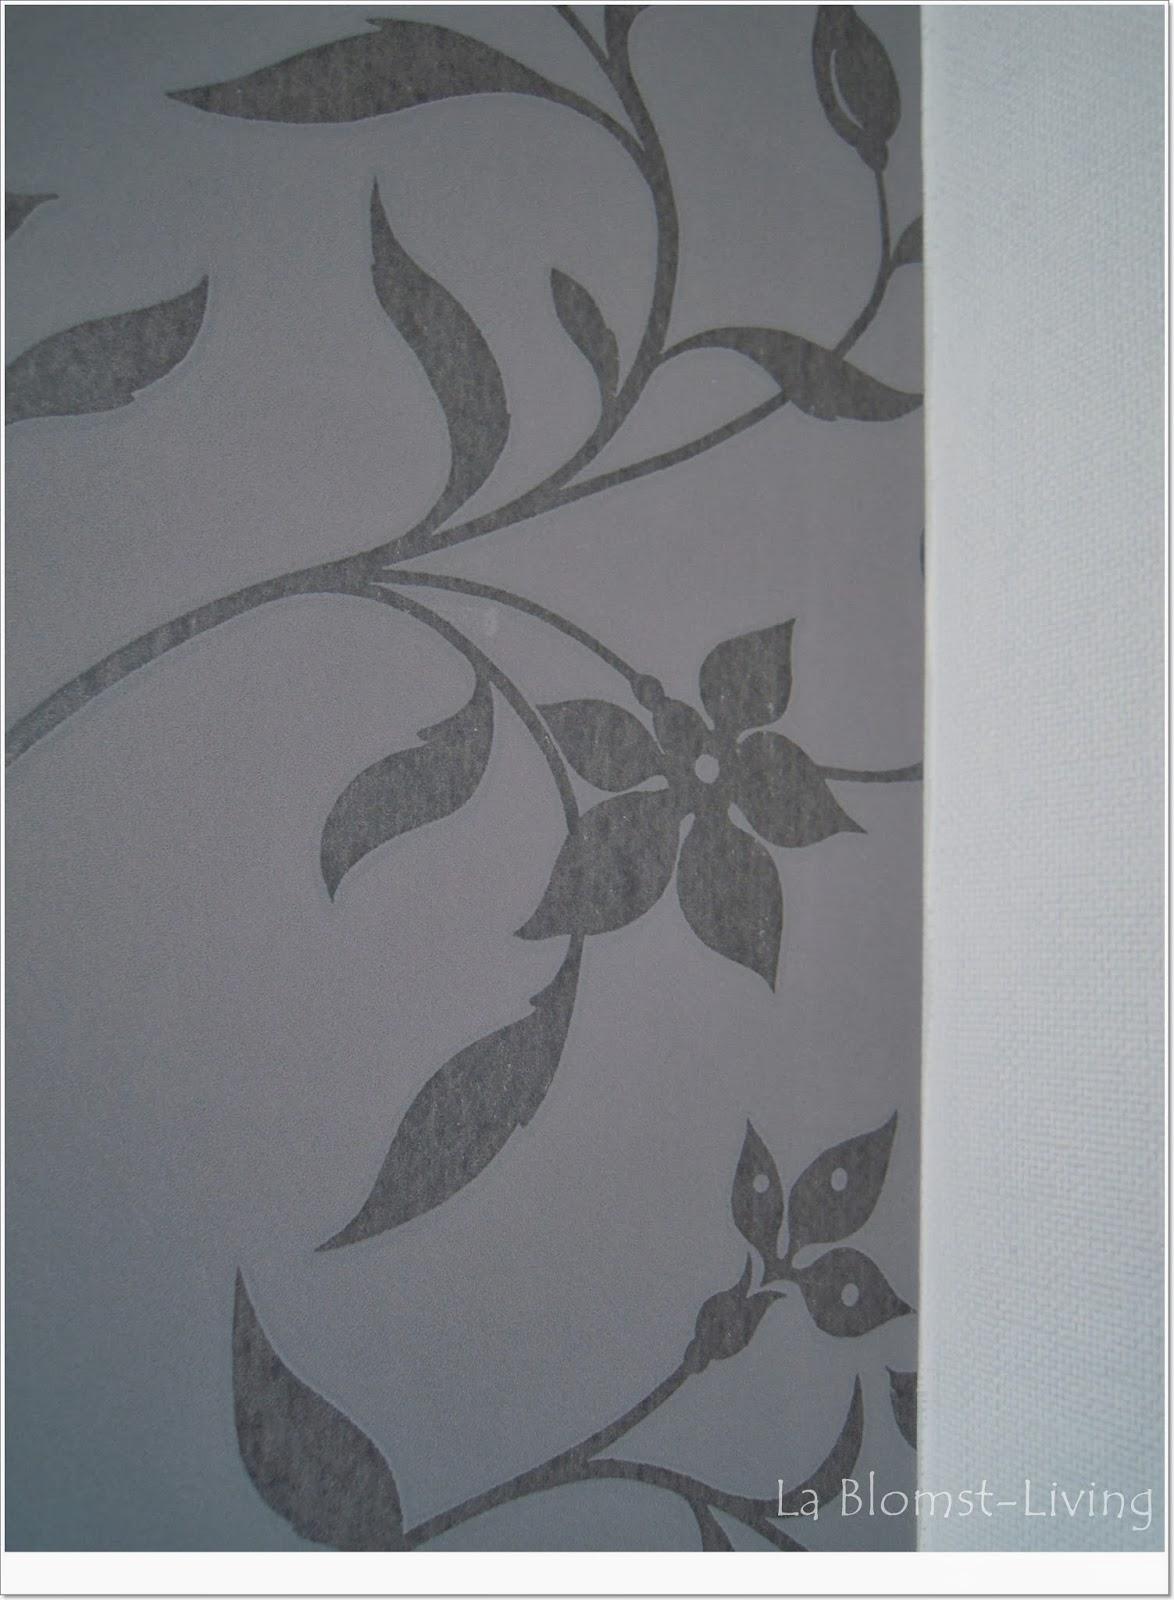 La blomst living: slaapkamer